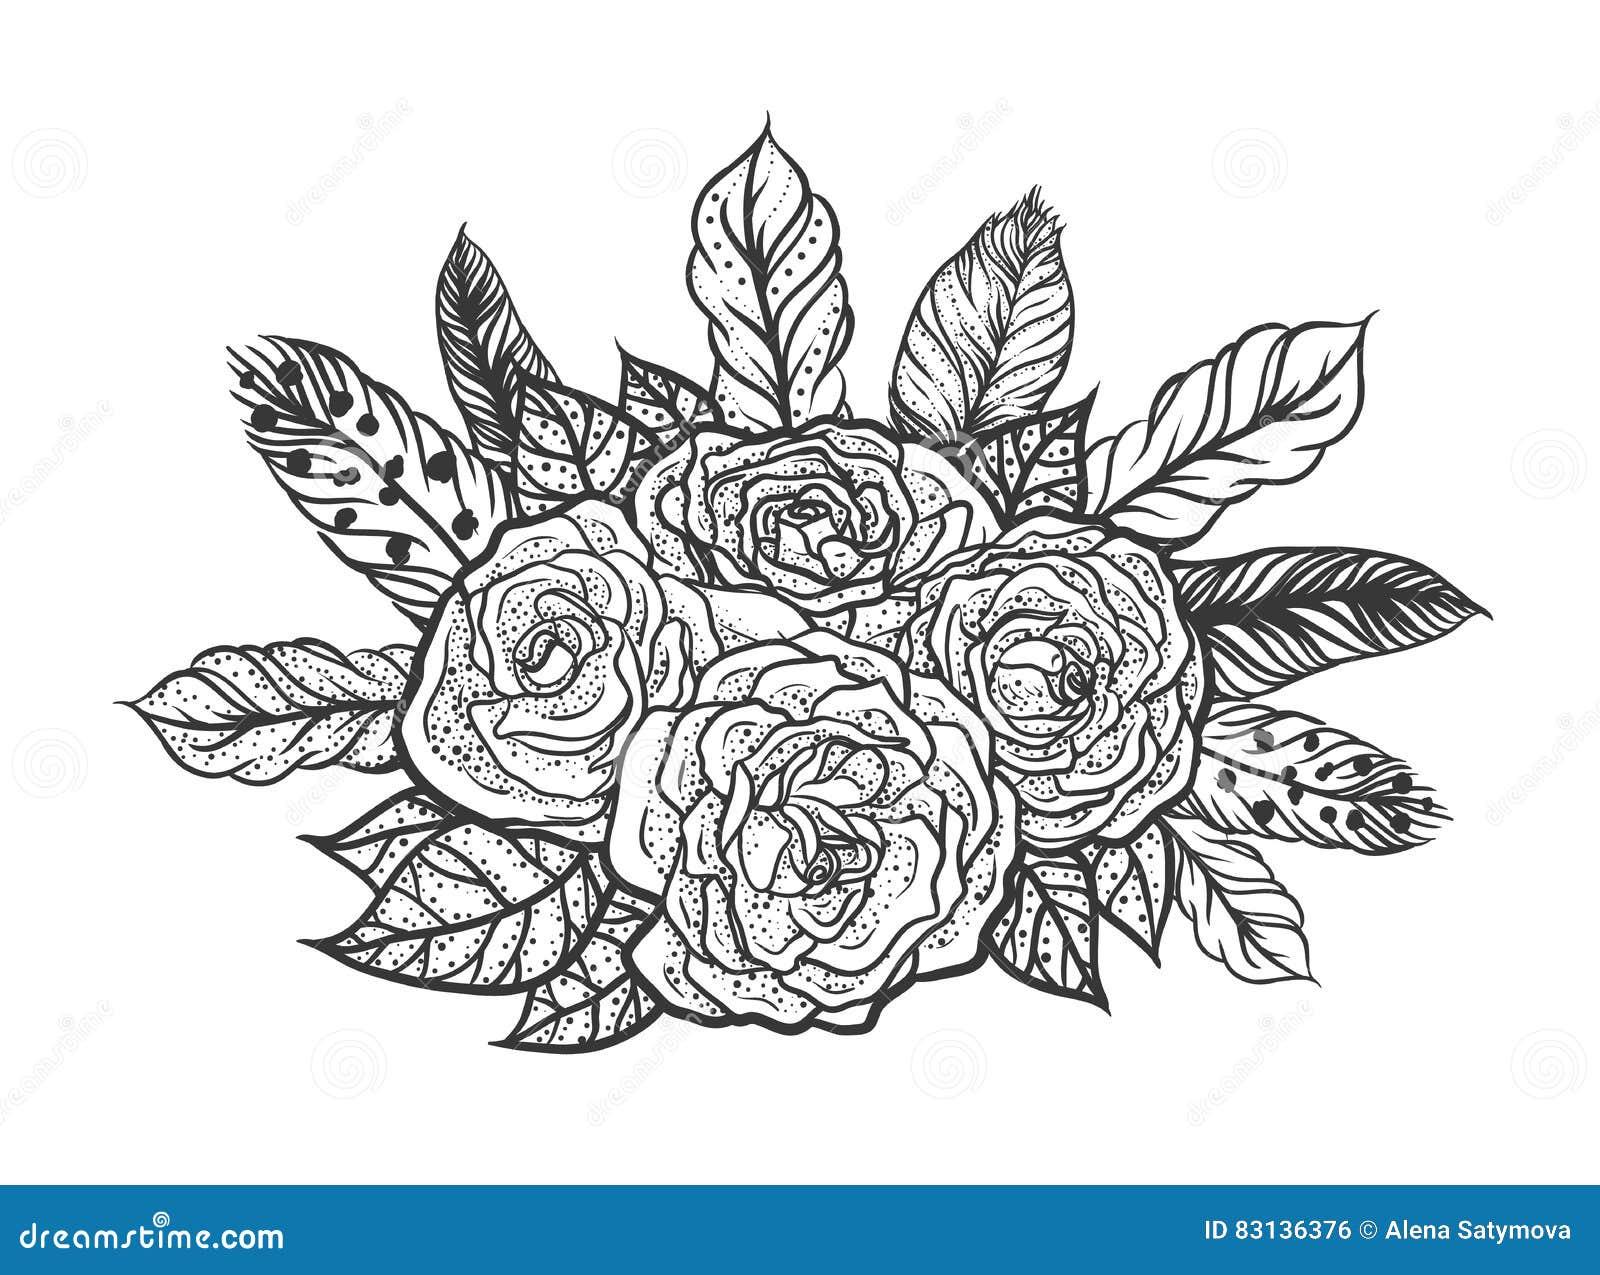 Diseos Rosas Para Tatuar Preciosos Tatuajes Florales Que Te Harn - Diseos-de-rosas